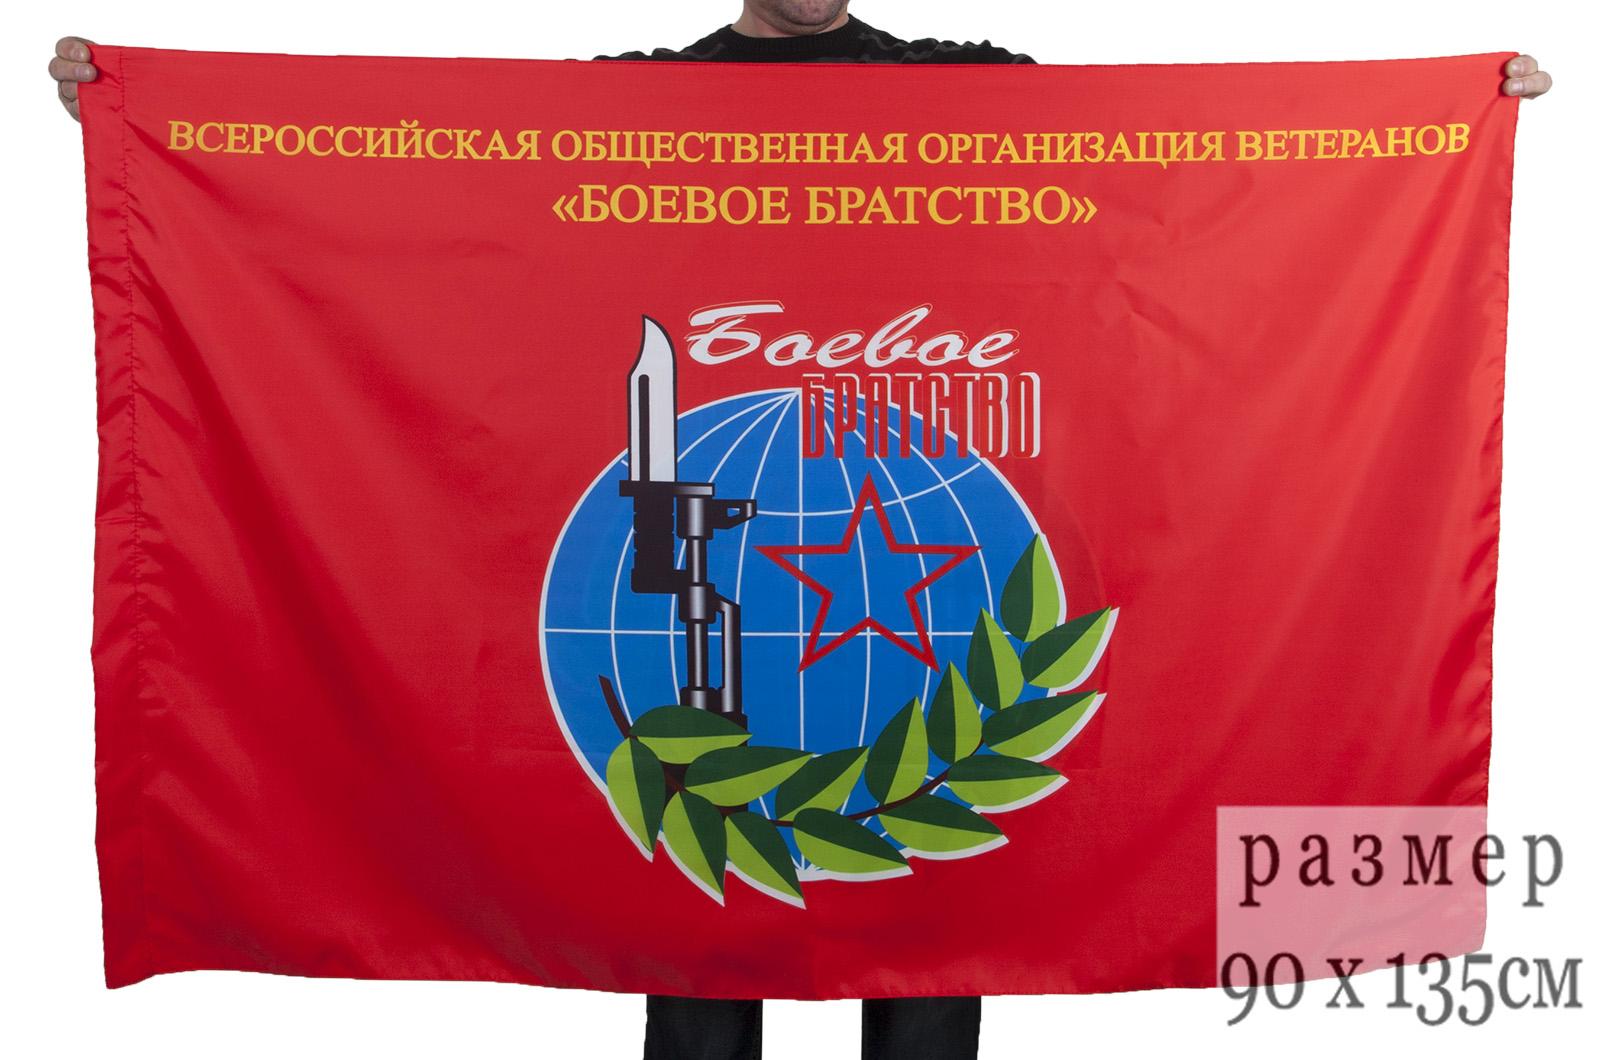 Флаг организации ветеранов «БОЕВОЕ БРАТСТВО»